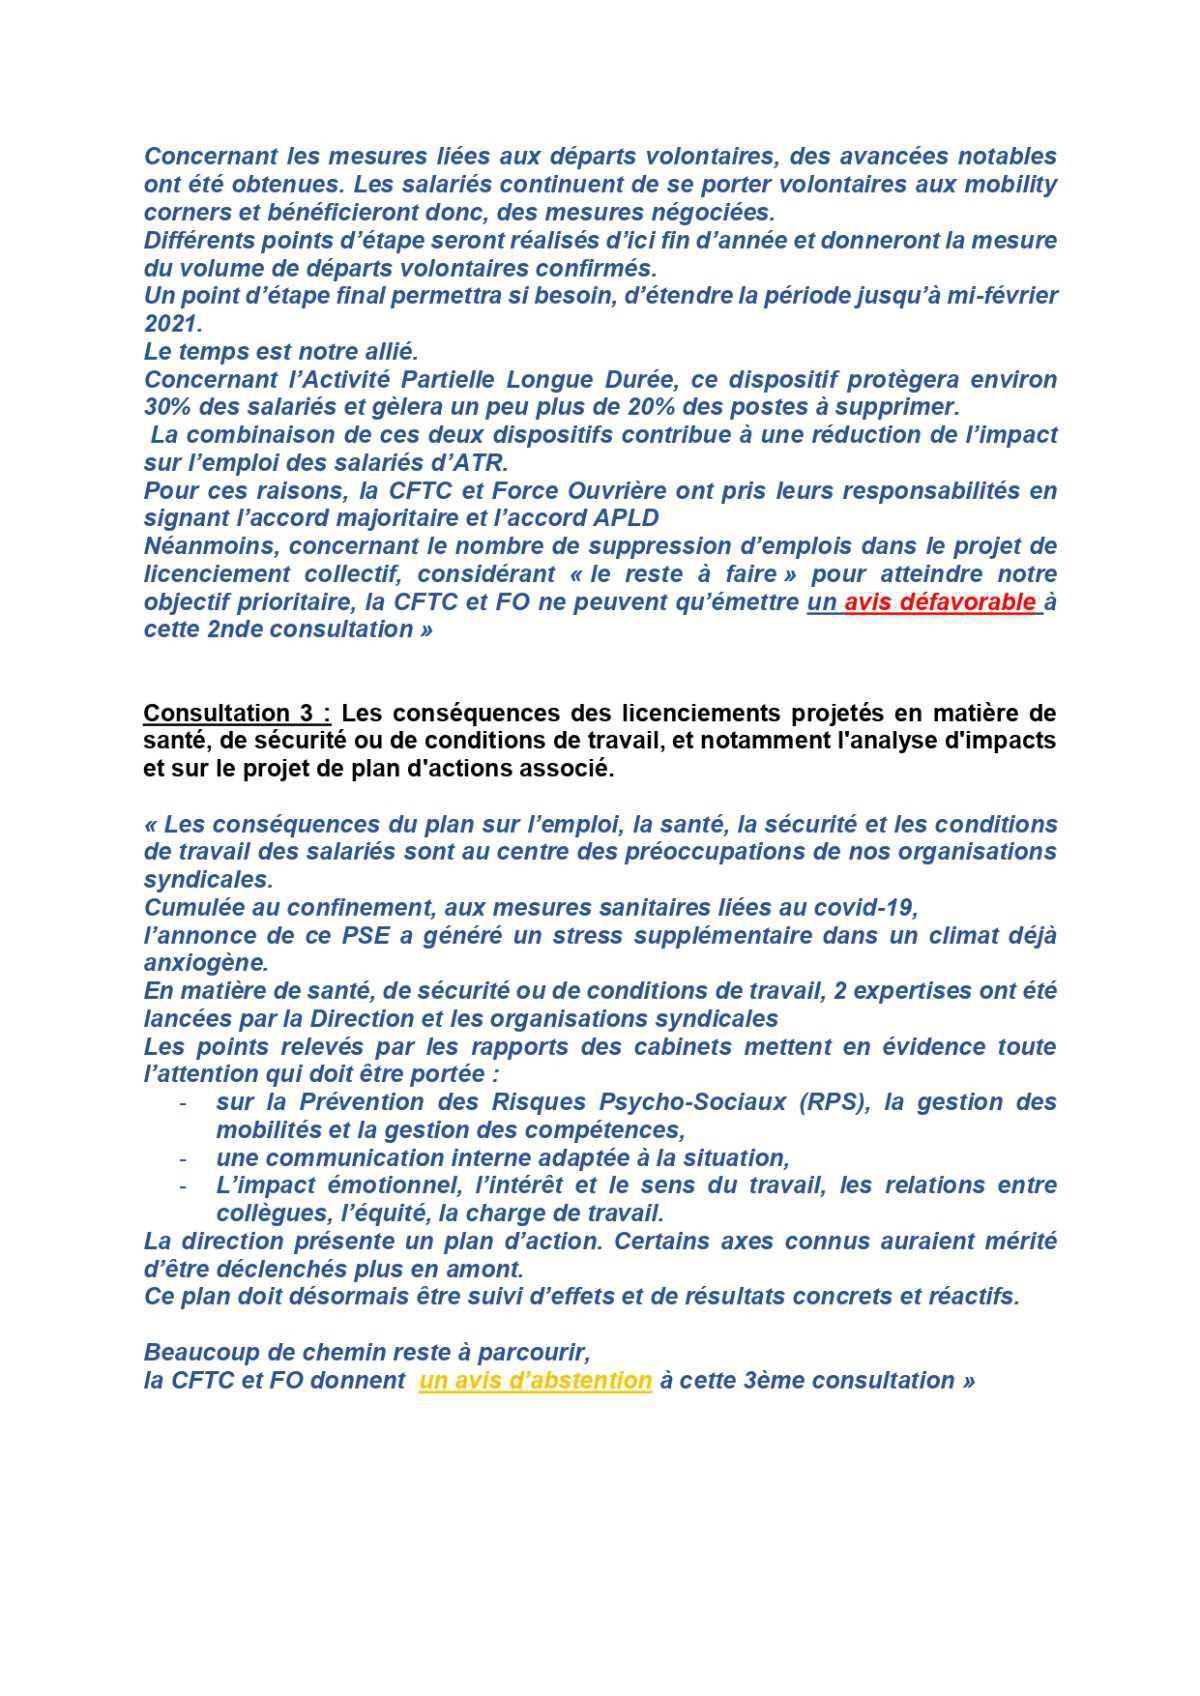 Consultation CSE du 15 Octobre 2020: Déclaration FO et CFTC